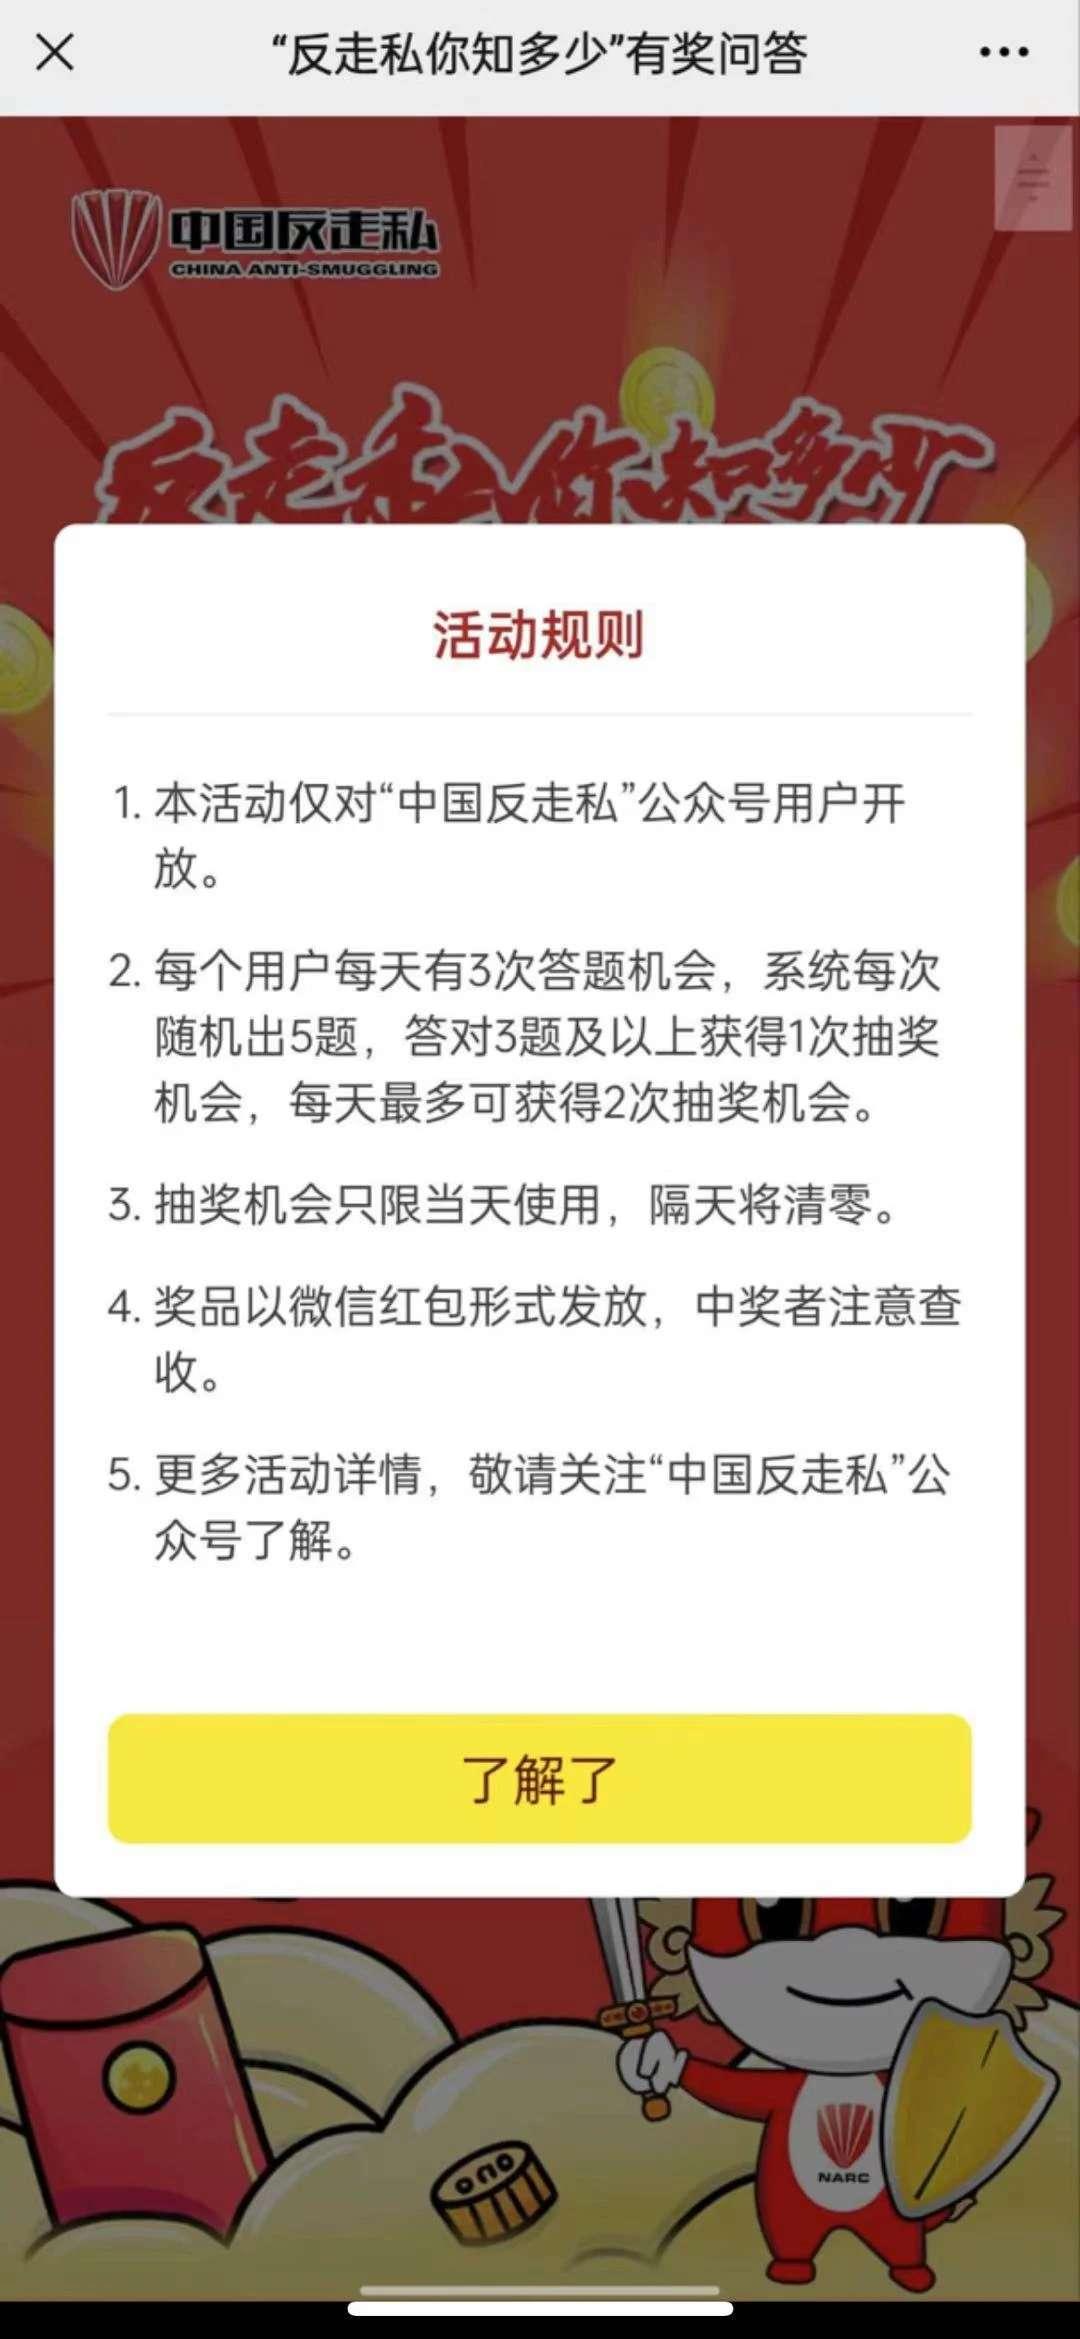 【红包区】中国反走私有奖问答问题抽红包插图